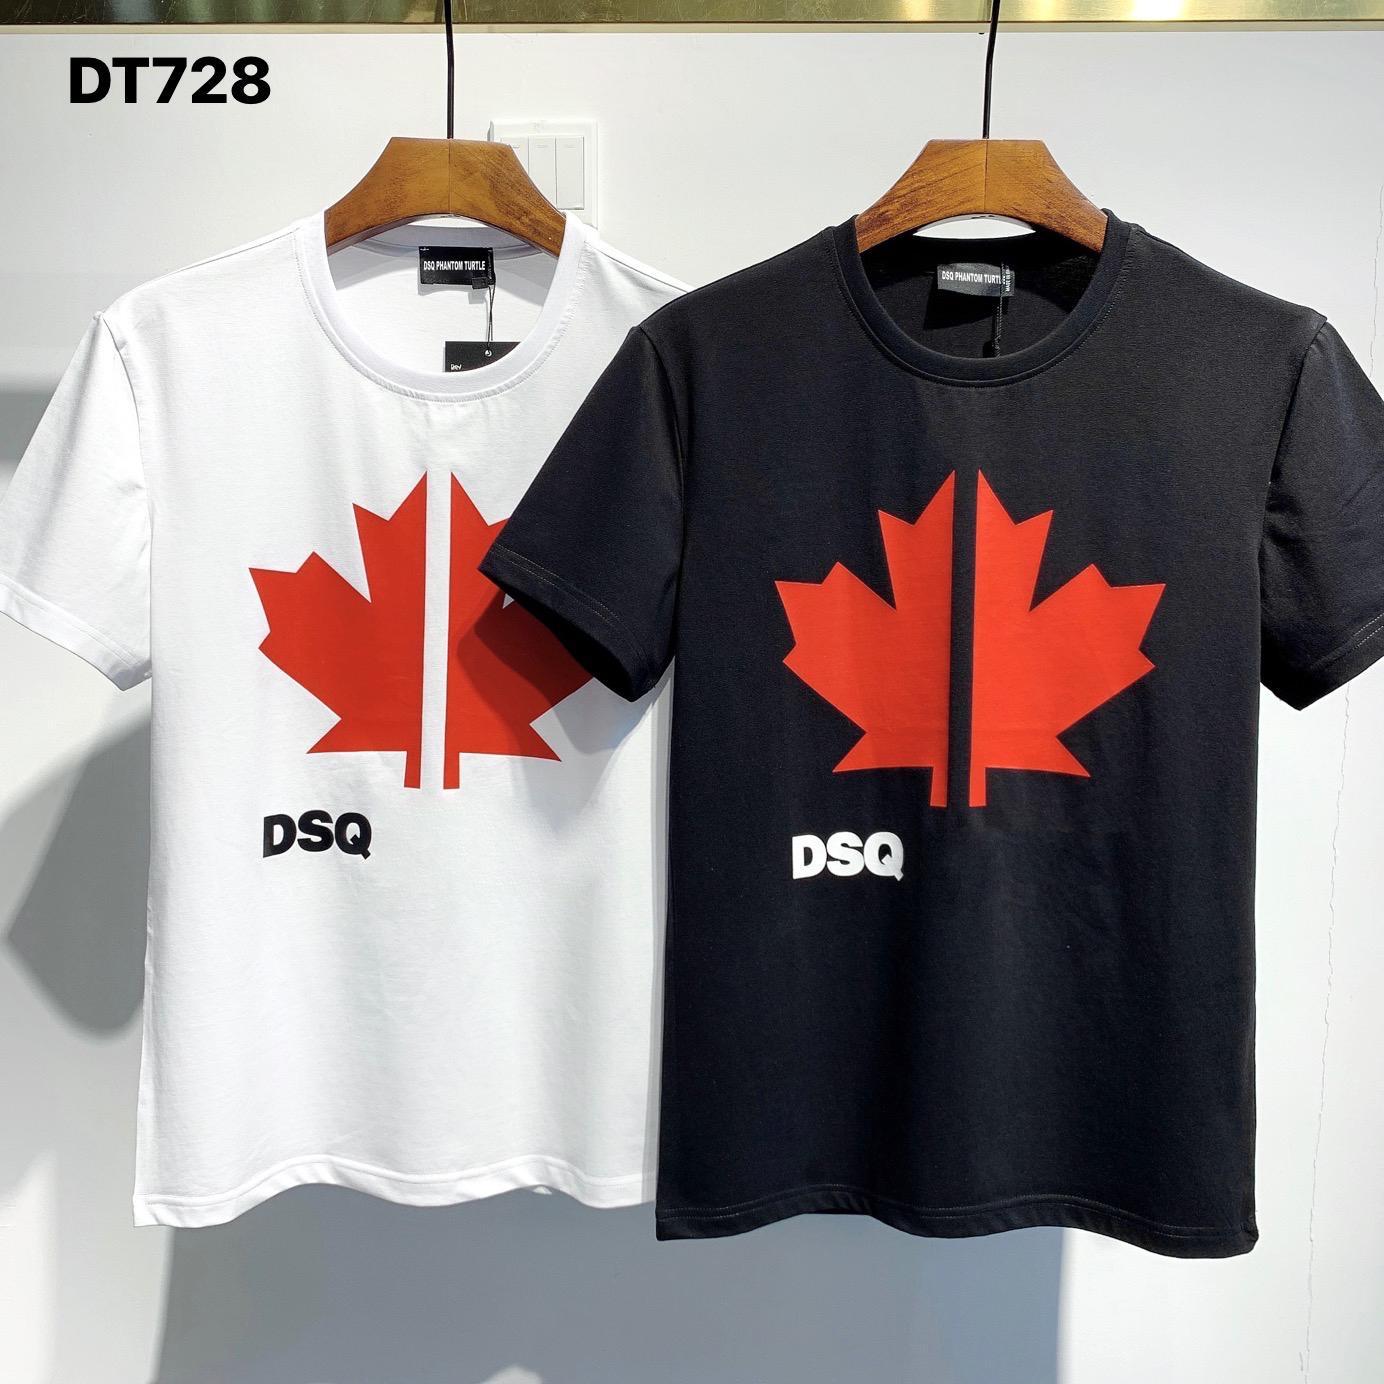 DSQ PHANTOM TURTLE 2020FW New Mens Designer T shirt Italy fashion Tshirts Summer DSQ Pattern T-shirt Male Top Quality 100% Cotton Top 7538